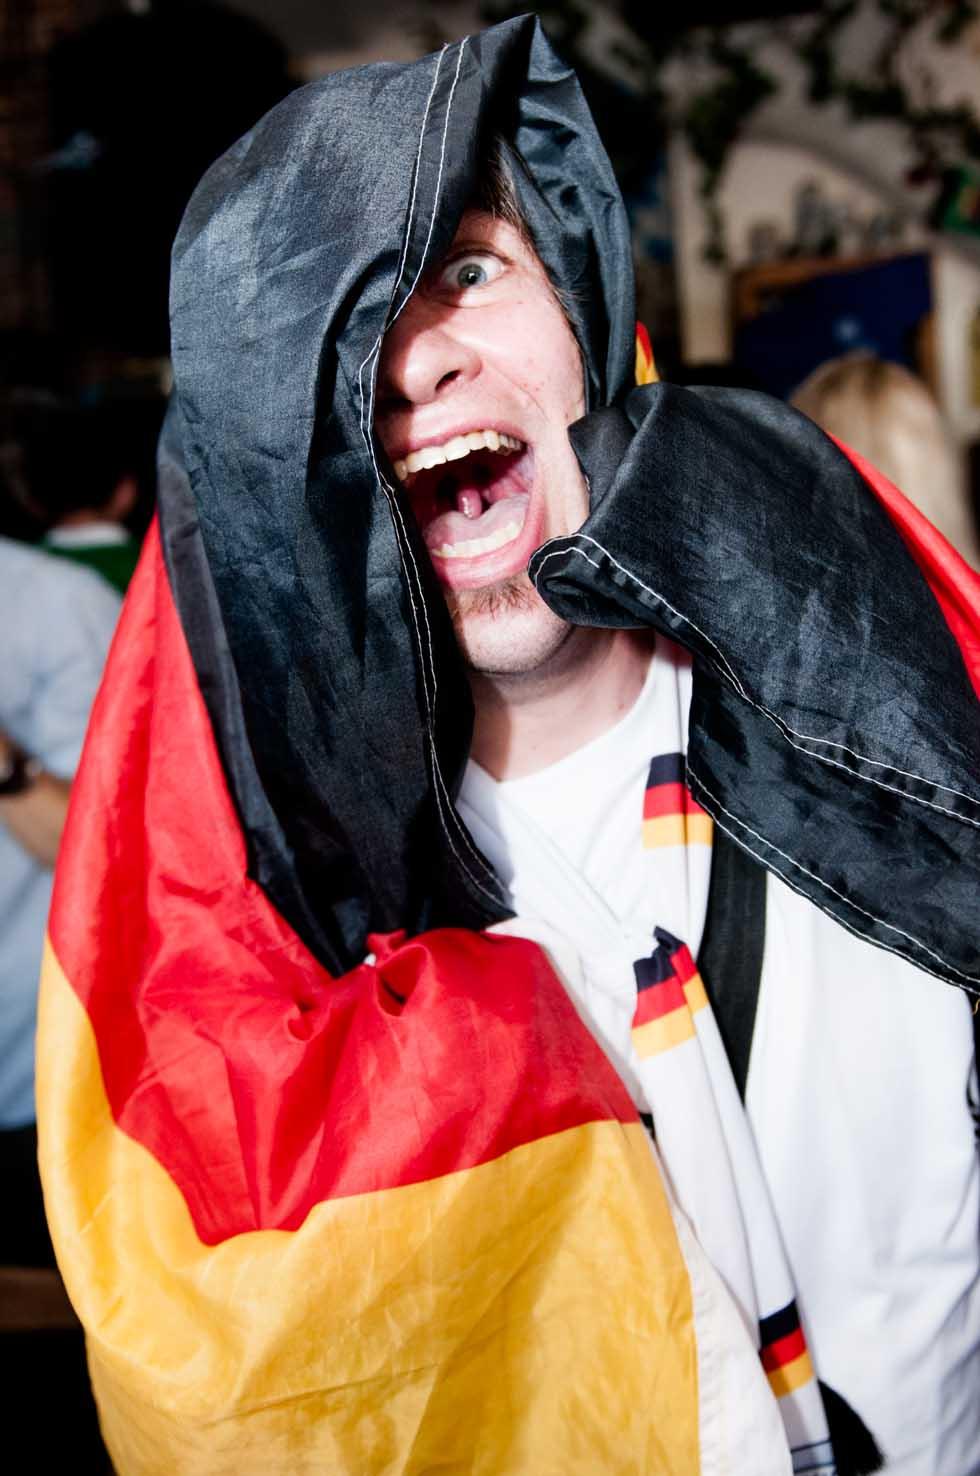 zum-schneider-nyc-2012-eurocup-germany-denmark-1629.jpg